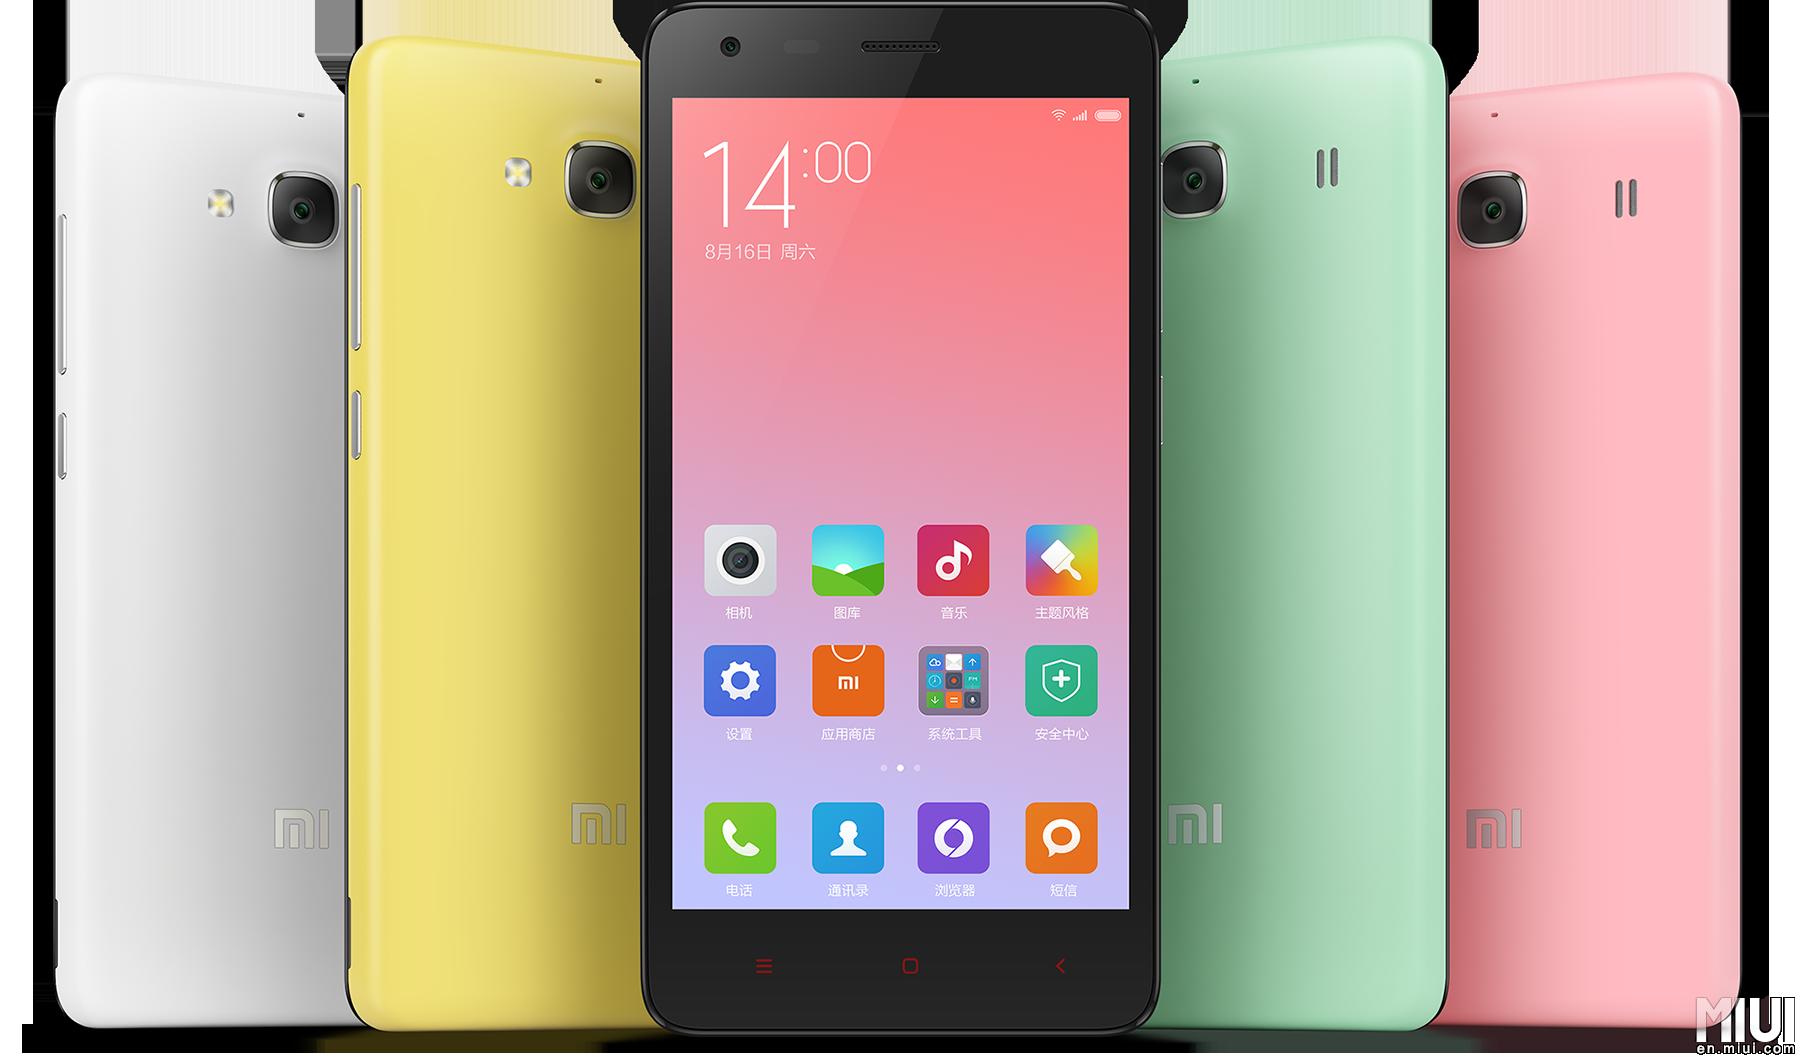 Xiaomi představilo Redmi 2A s cenou 96 dolarů